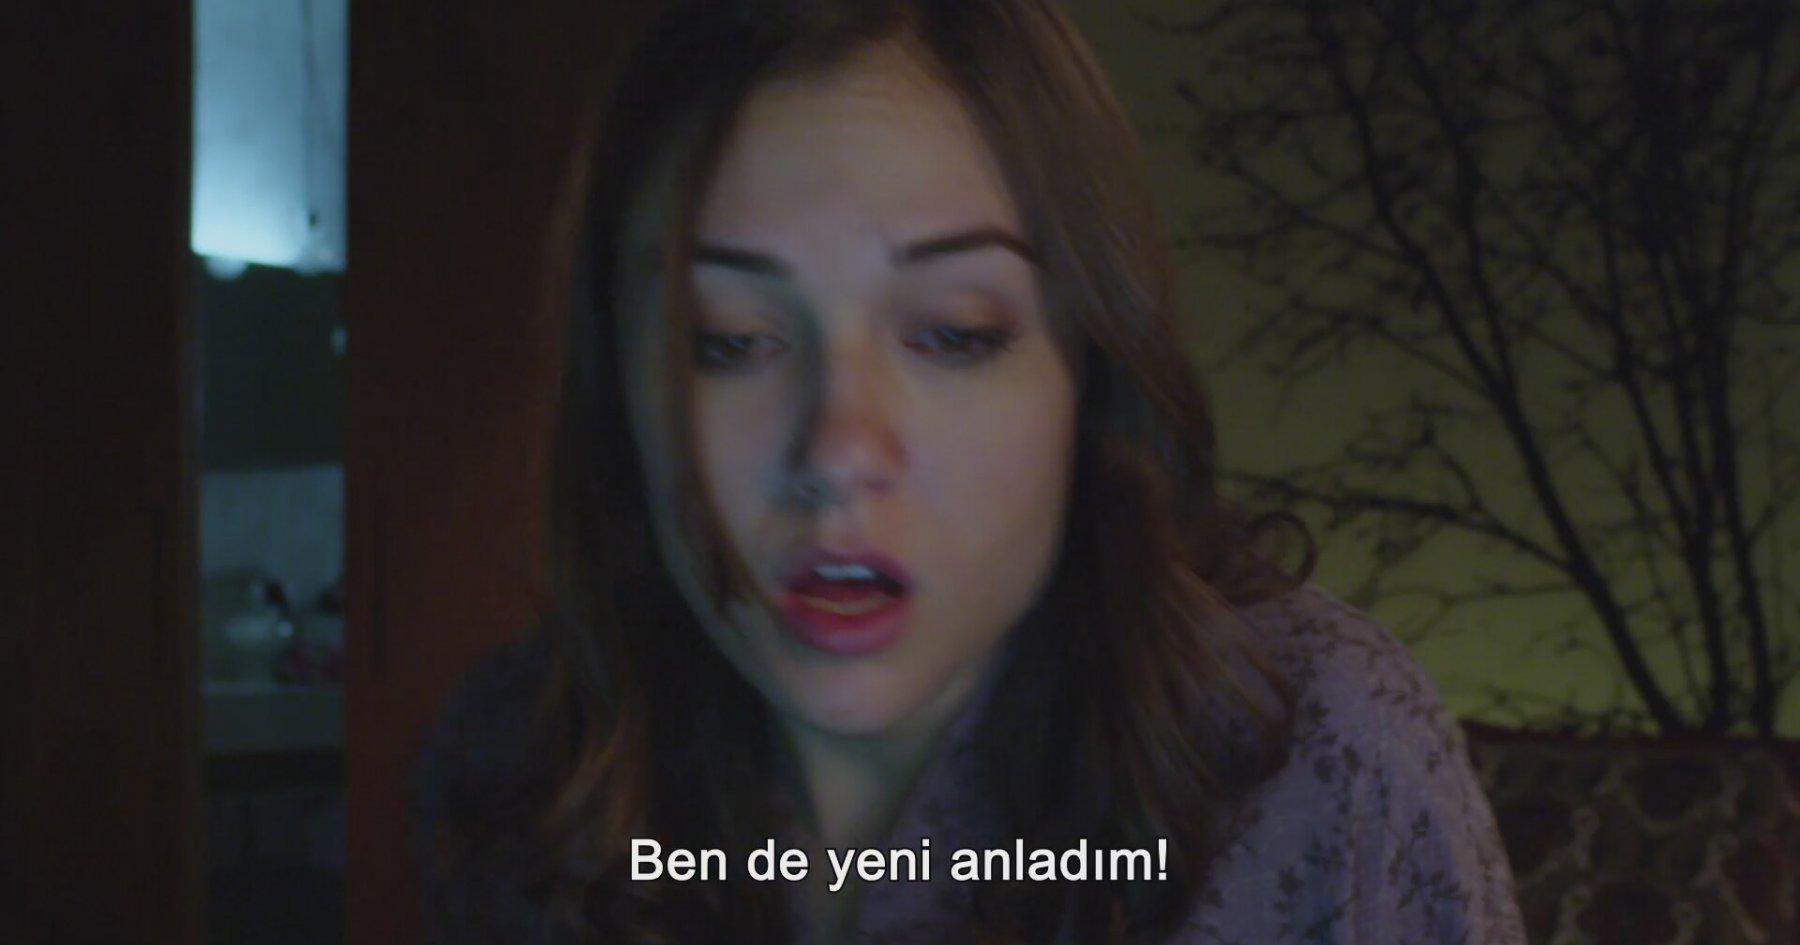 Gizli ve konuşmalı türkçe porno izle  Sürpriz Porno Hd